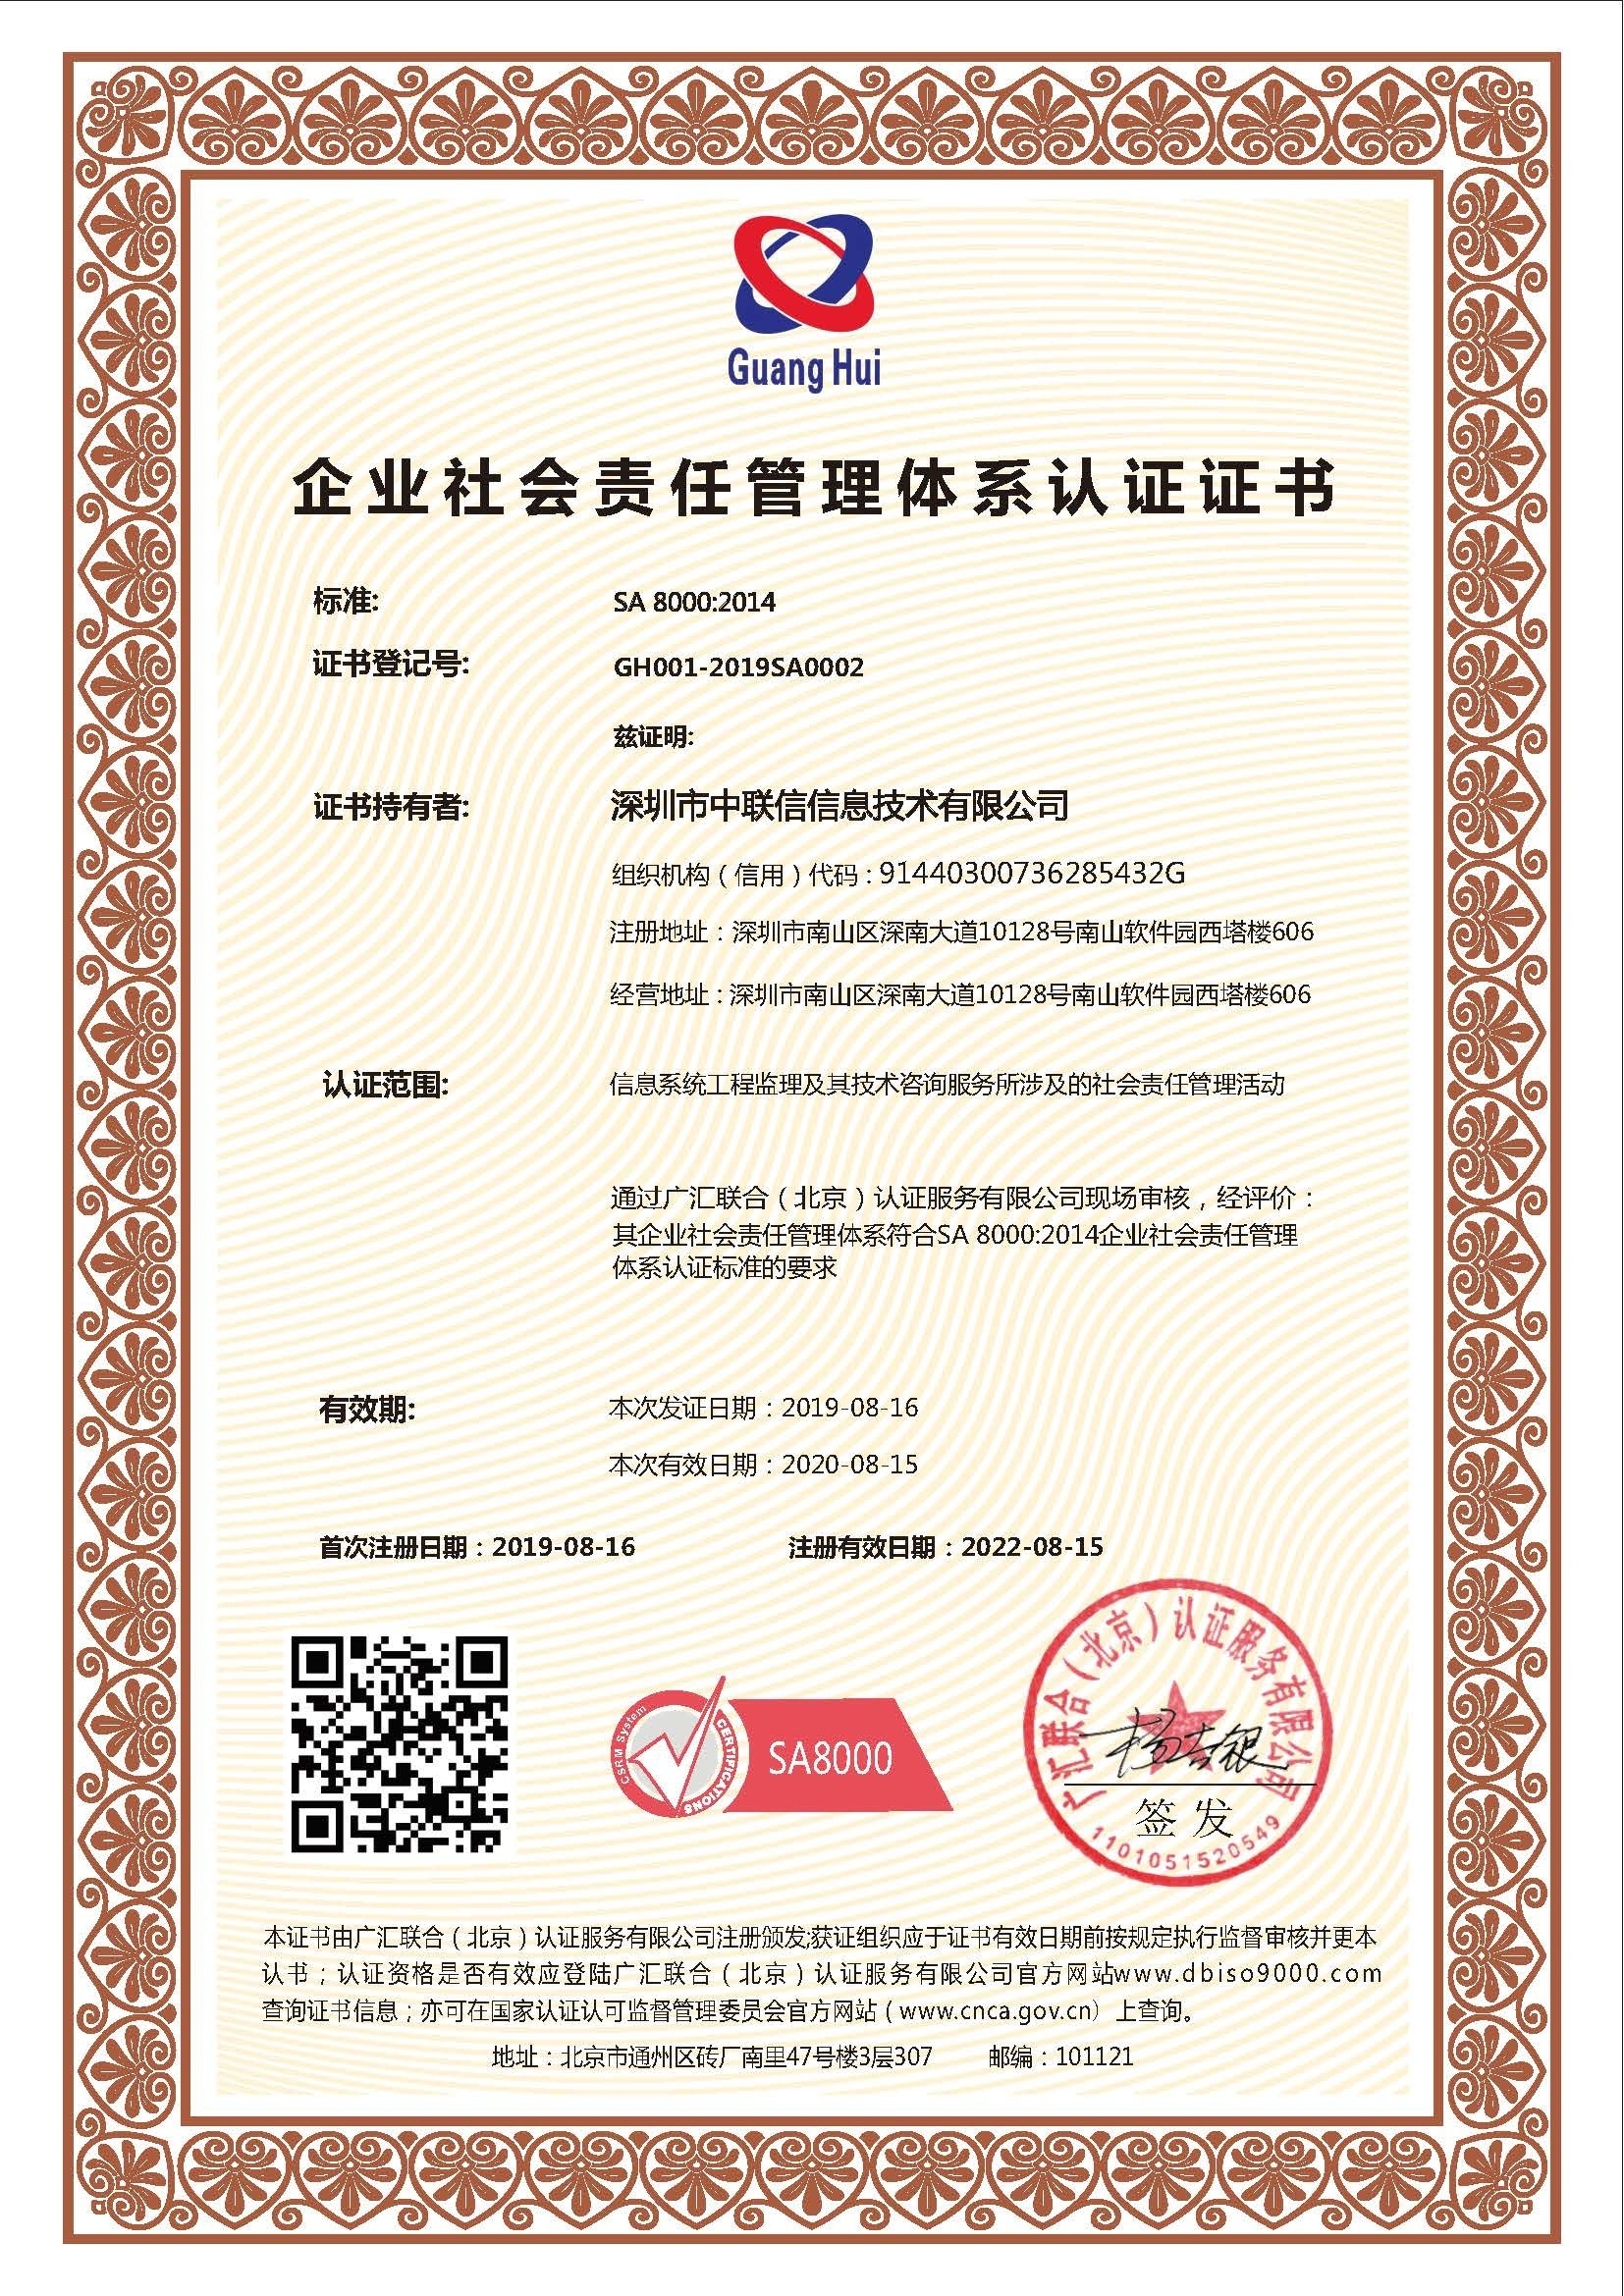 SA8000社会责任管理体系认证证书